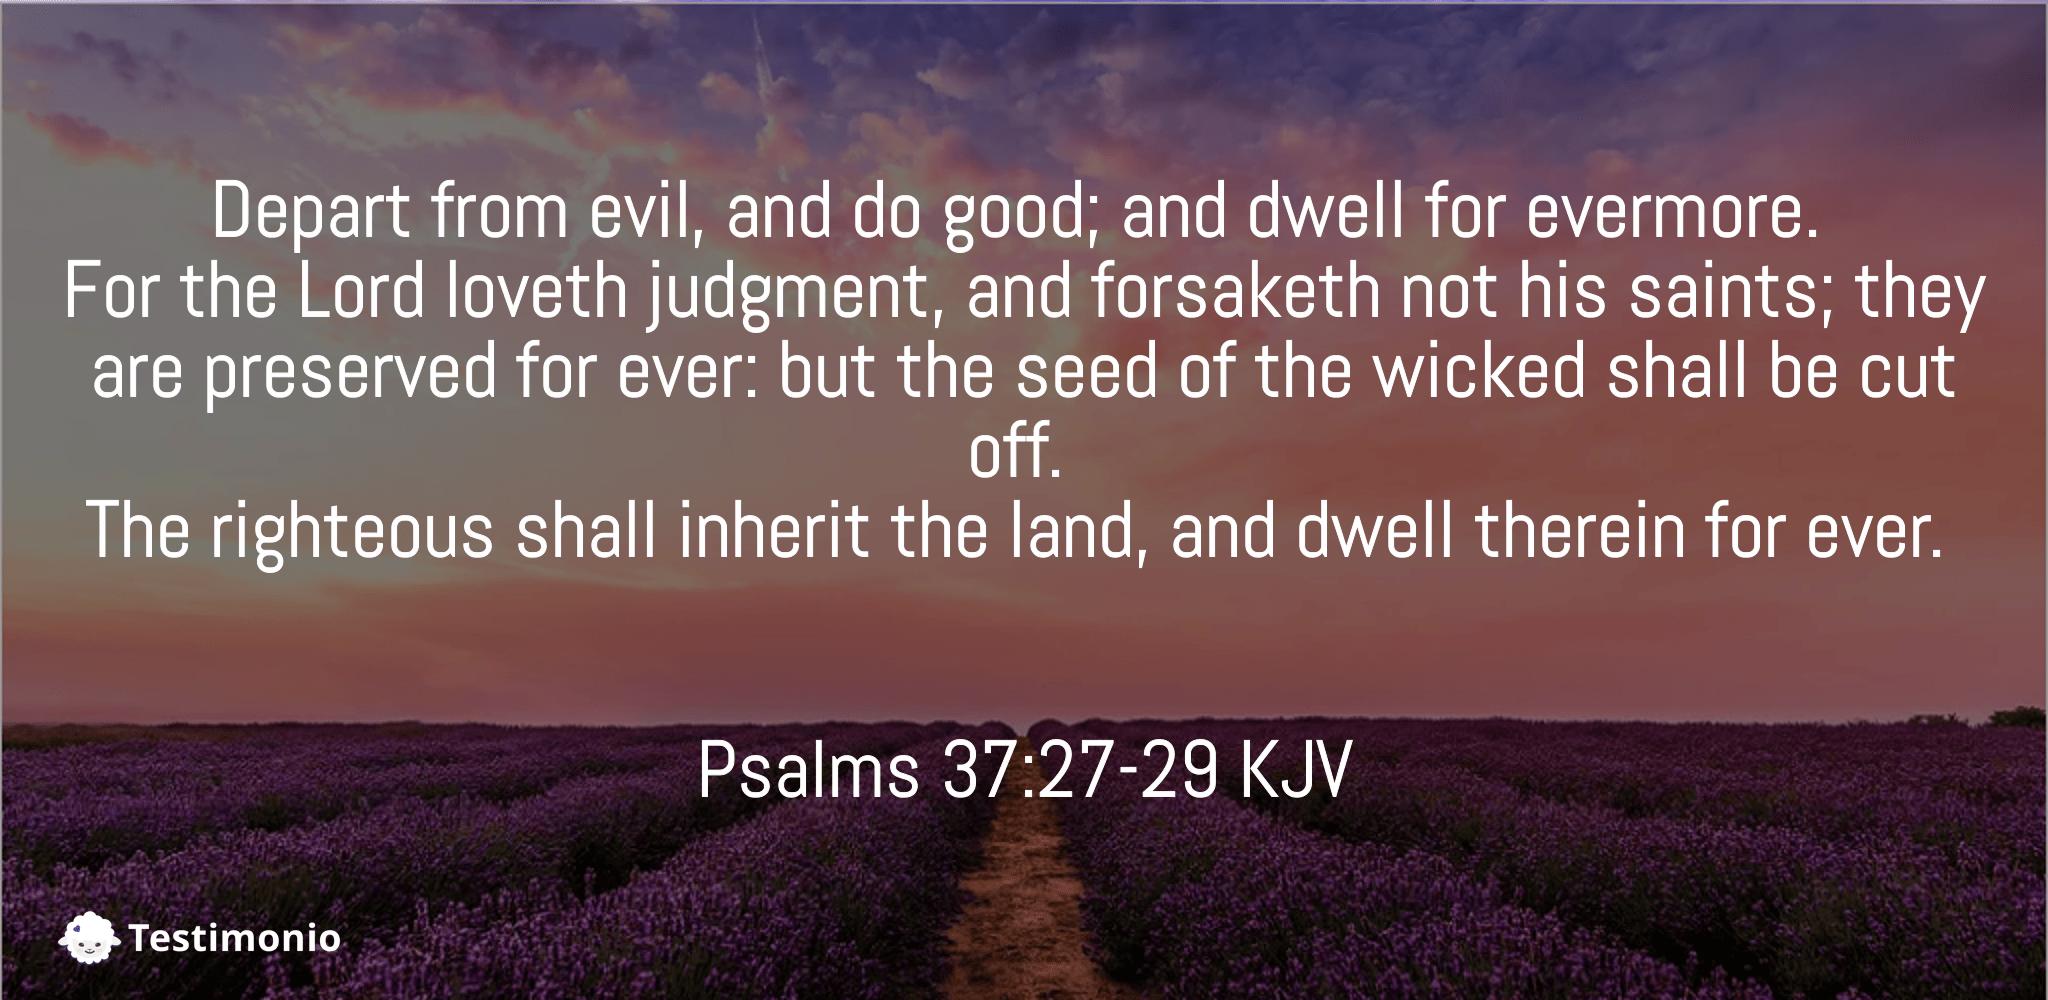 Psalms 37:27-29